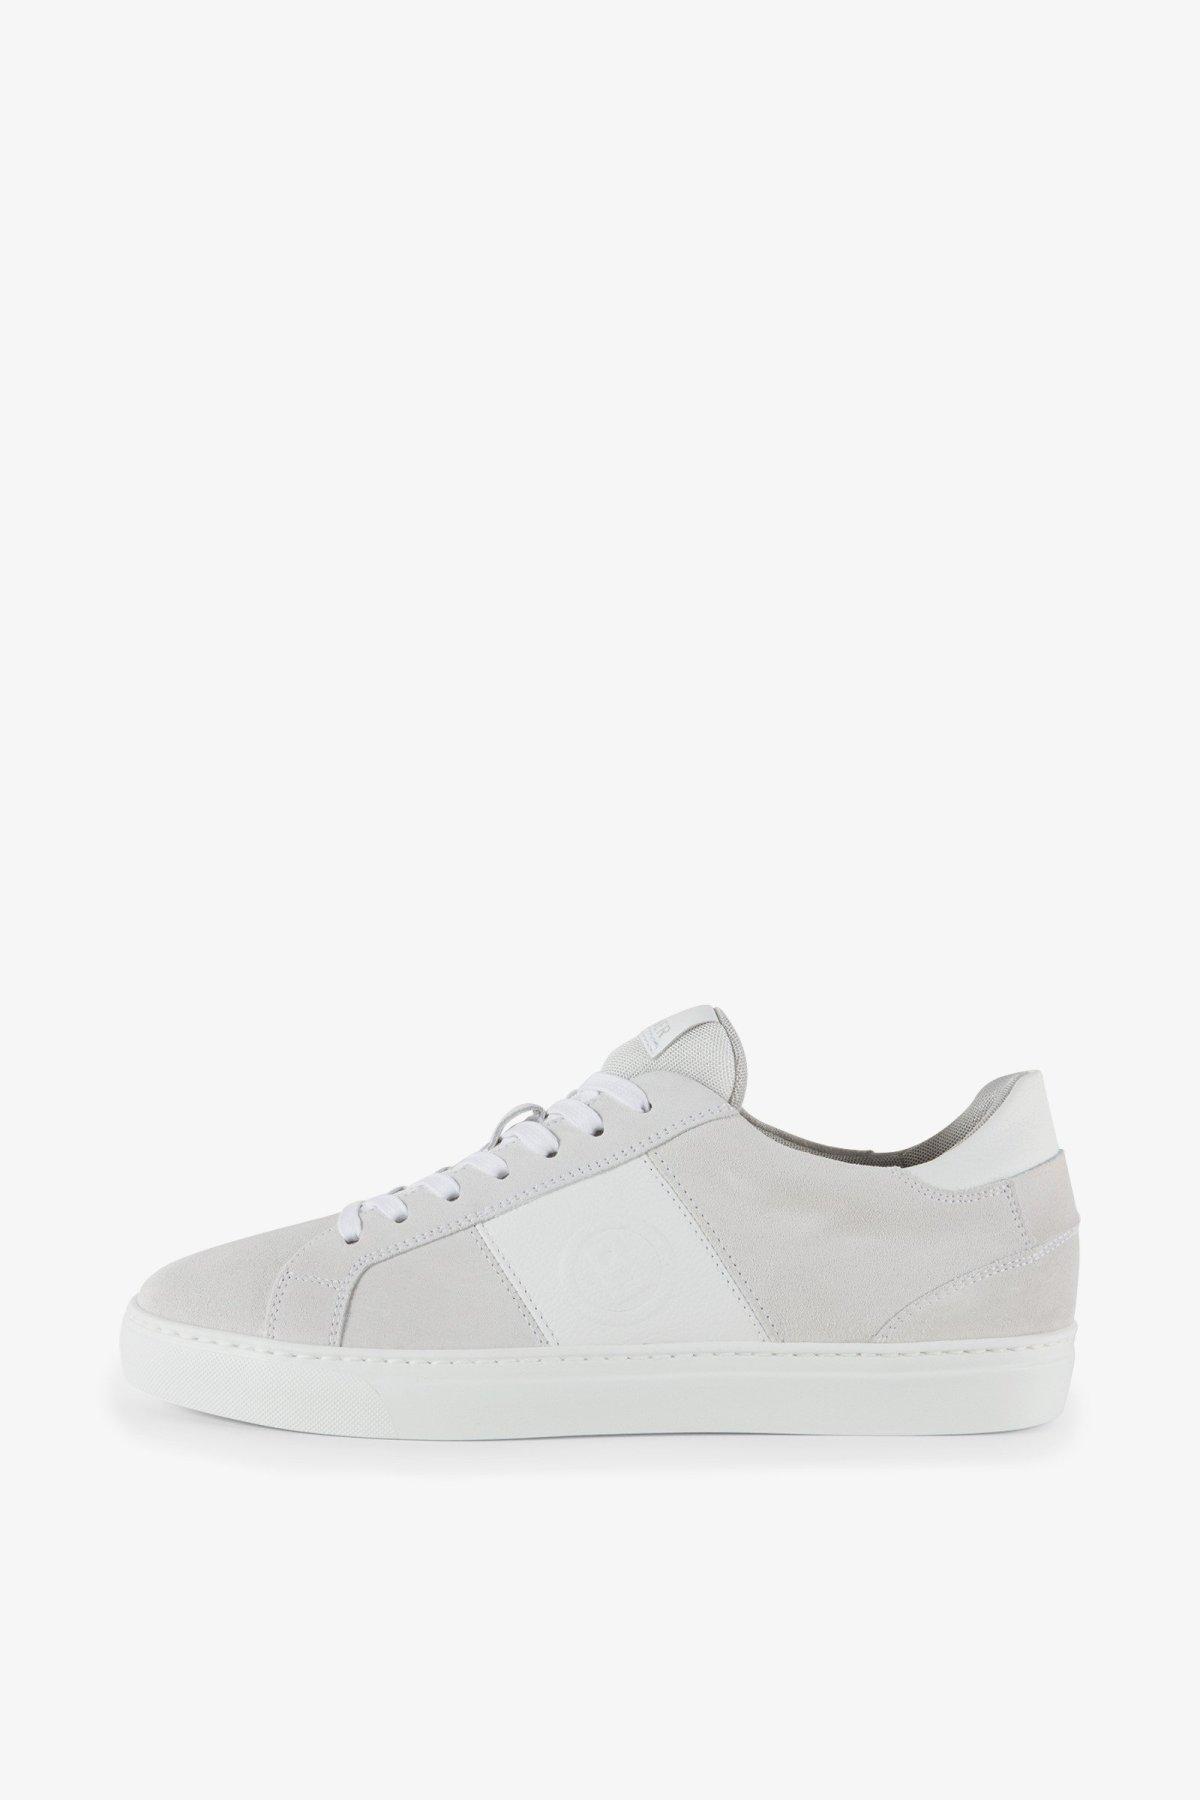 BOGNER Herren SneakerSchuhe NIZZA 20A, Size: 40 EU to 45 EU *WOW* | Fashion House